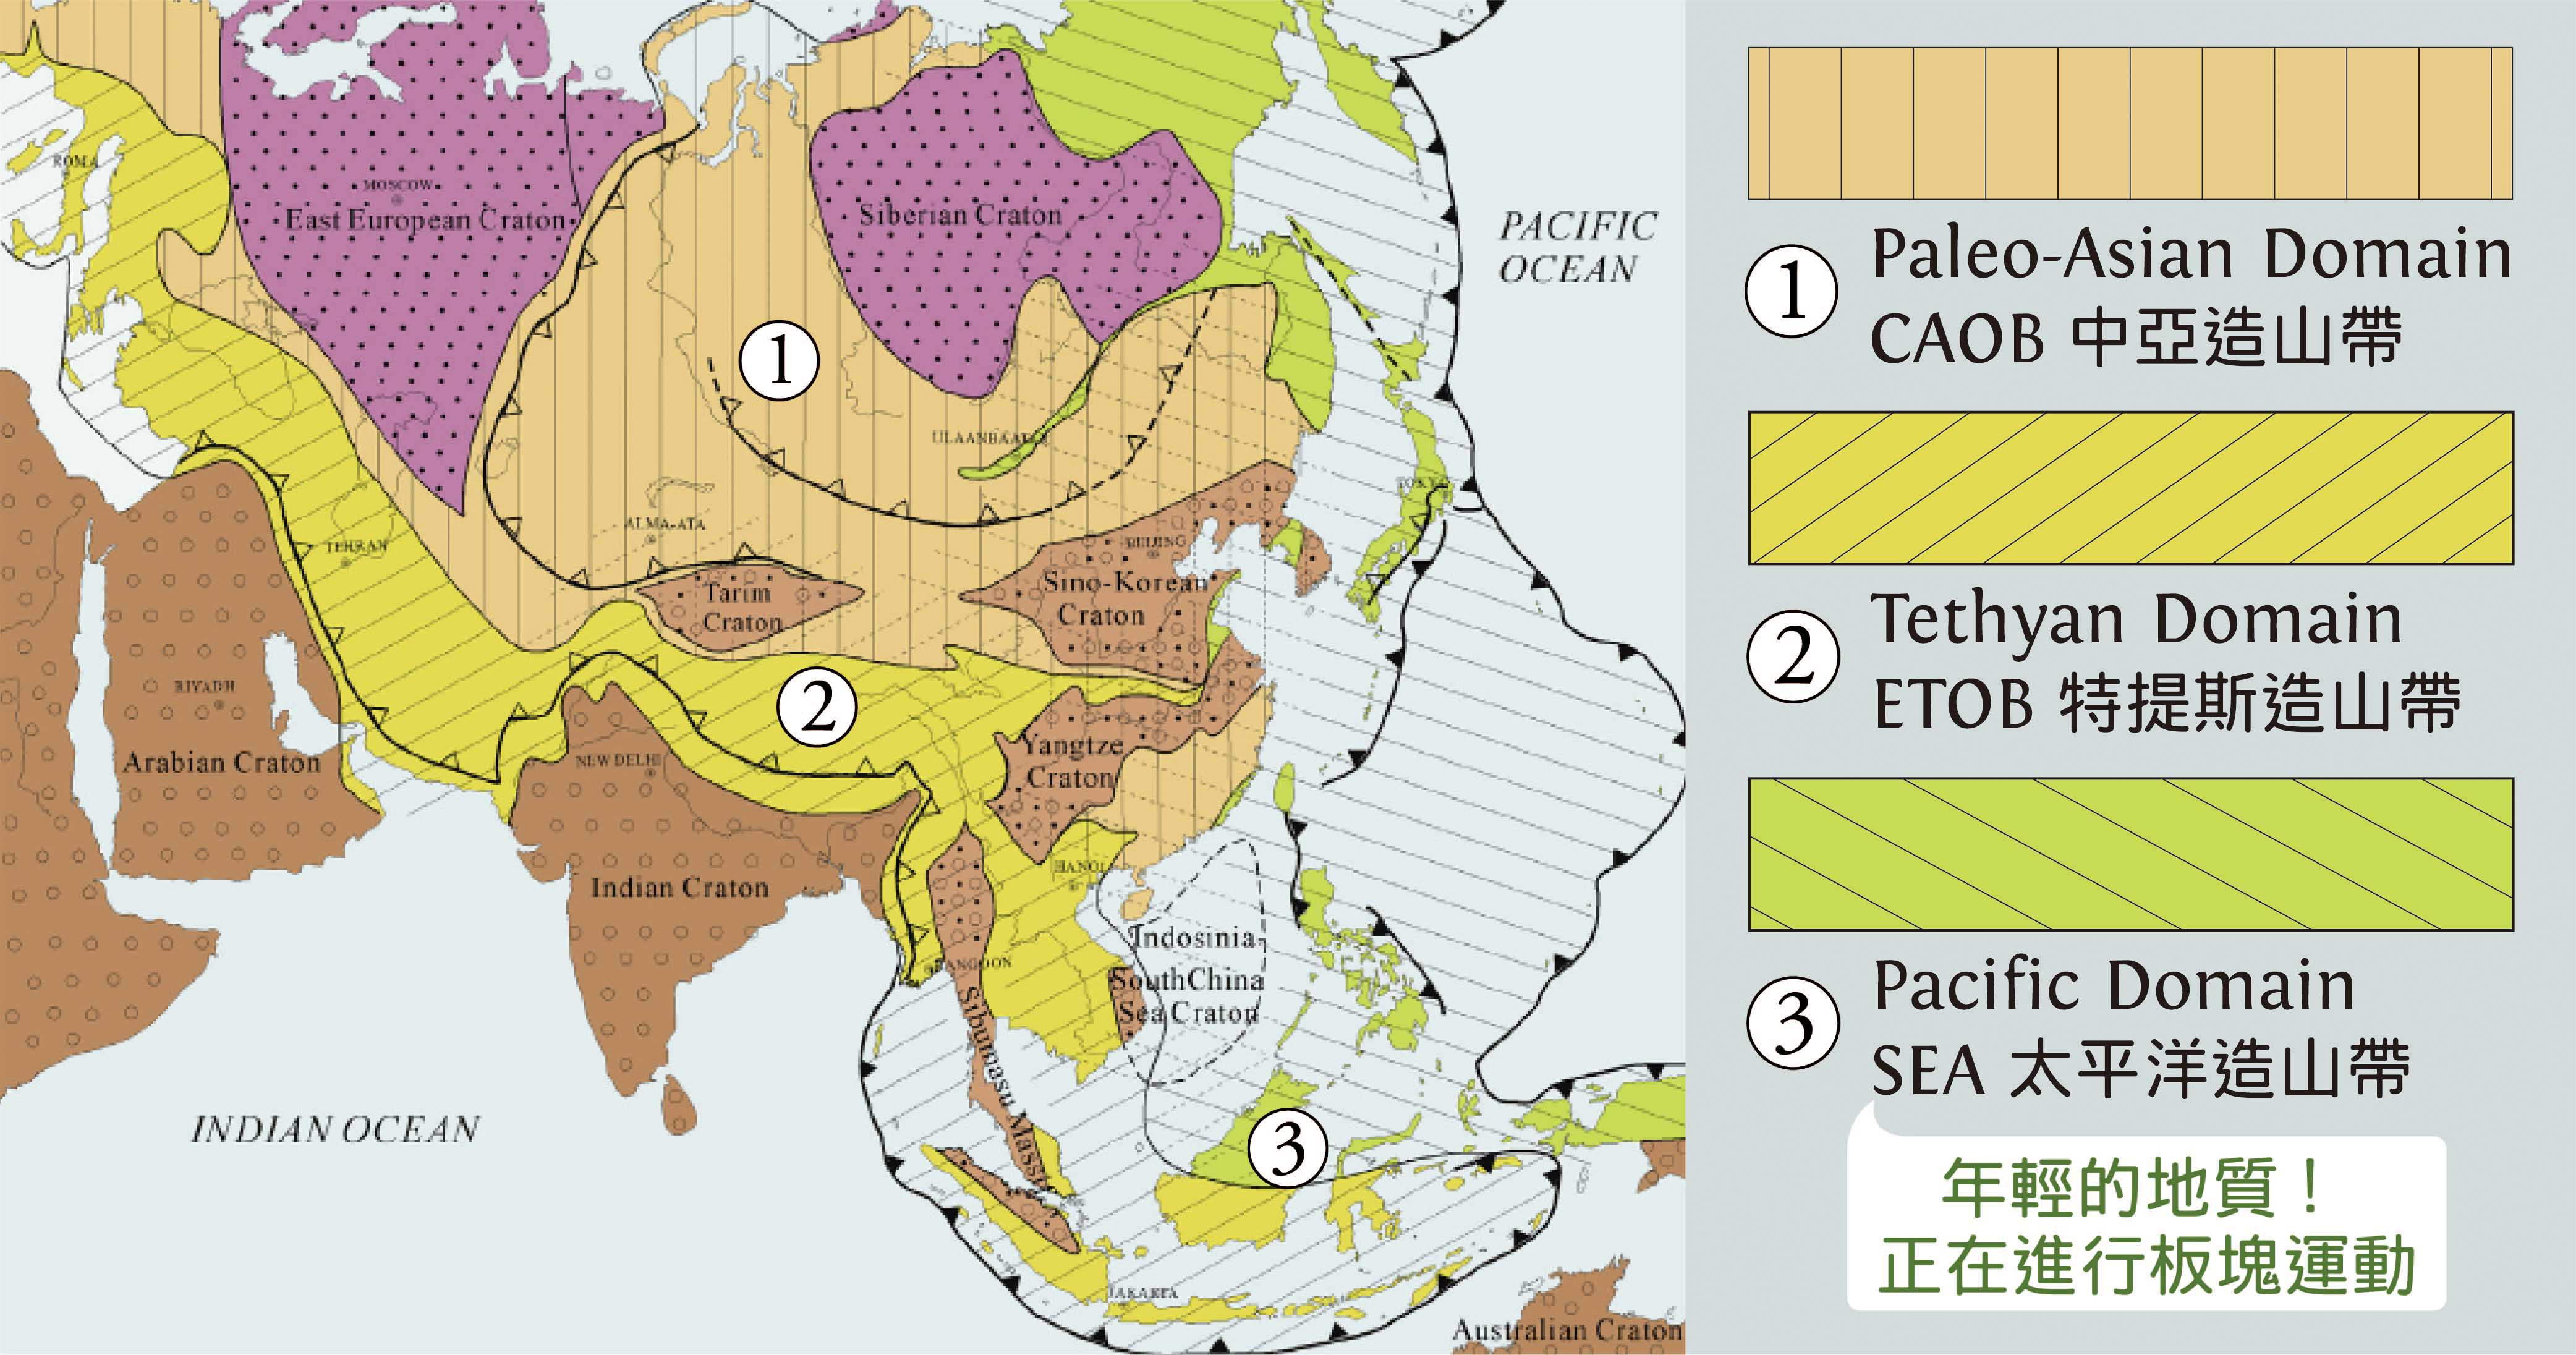 現今的東南亞正在發生造山事件,類似西藏在 6000 萬年前發生的事。 資料來源│Ren, J.S. et al. / Journal of Asian Earth Sciences 72 (2013) 3-11 圖說重製│歐柏昇、張語辰